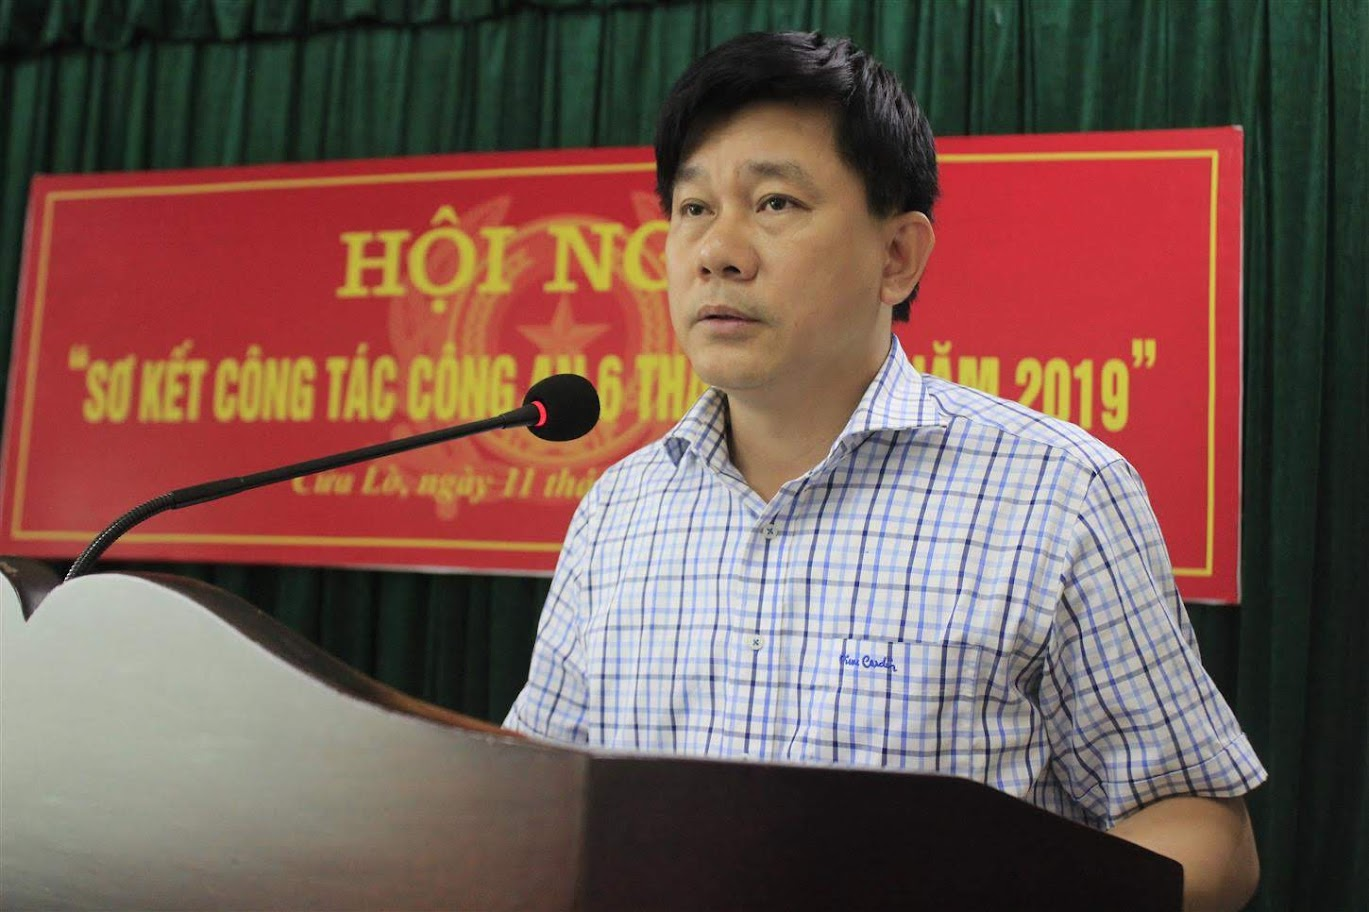 Đồng chí Võ Văn Hùng, Phó Chủ tịch UBND Thị xã Cửa Lò phát biểu chỉ đạo tại Hội nghị